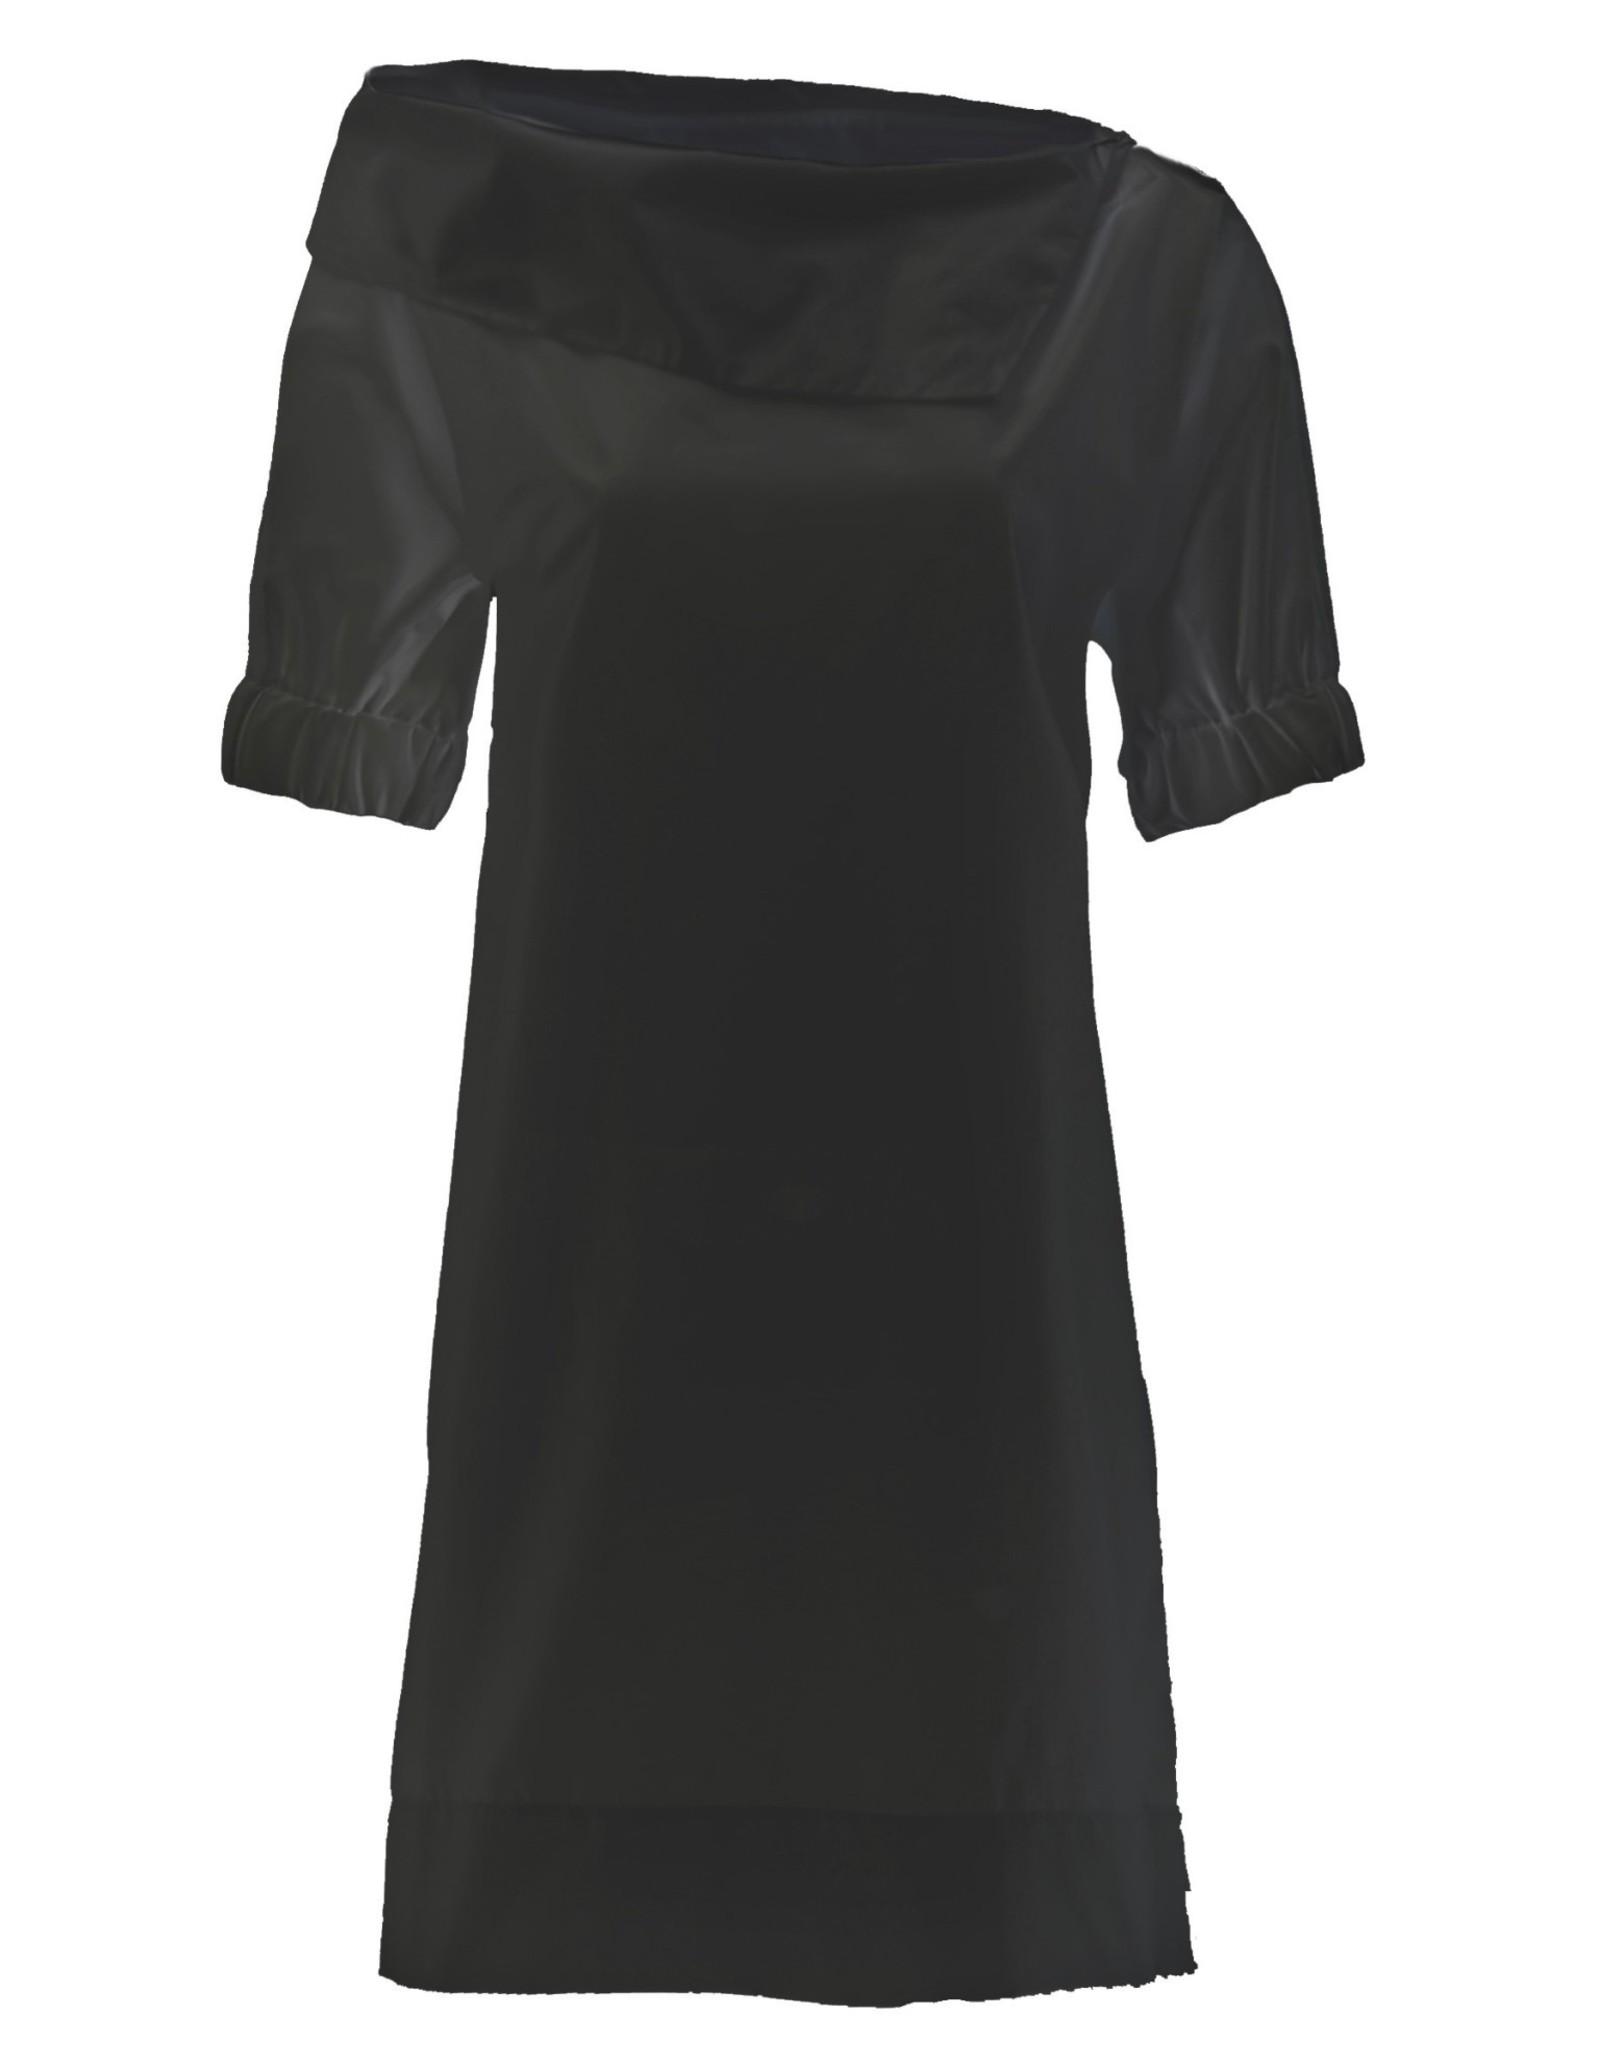 FINLEY - Skipper Dress